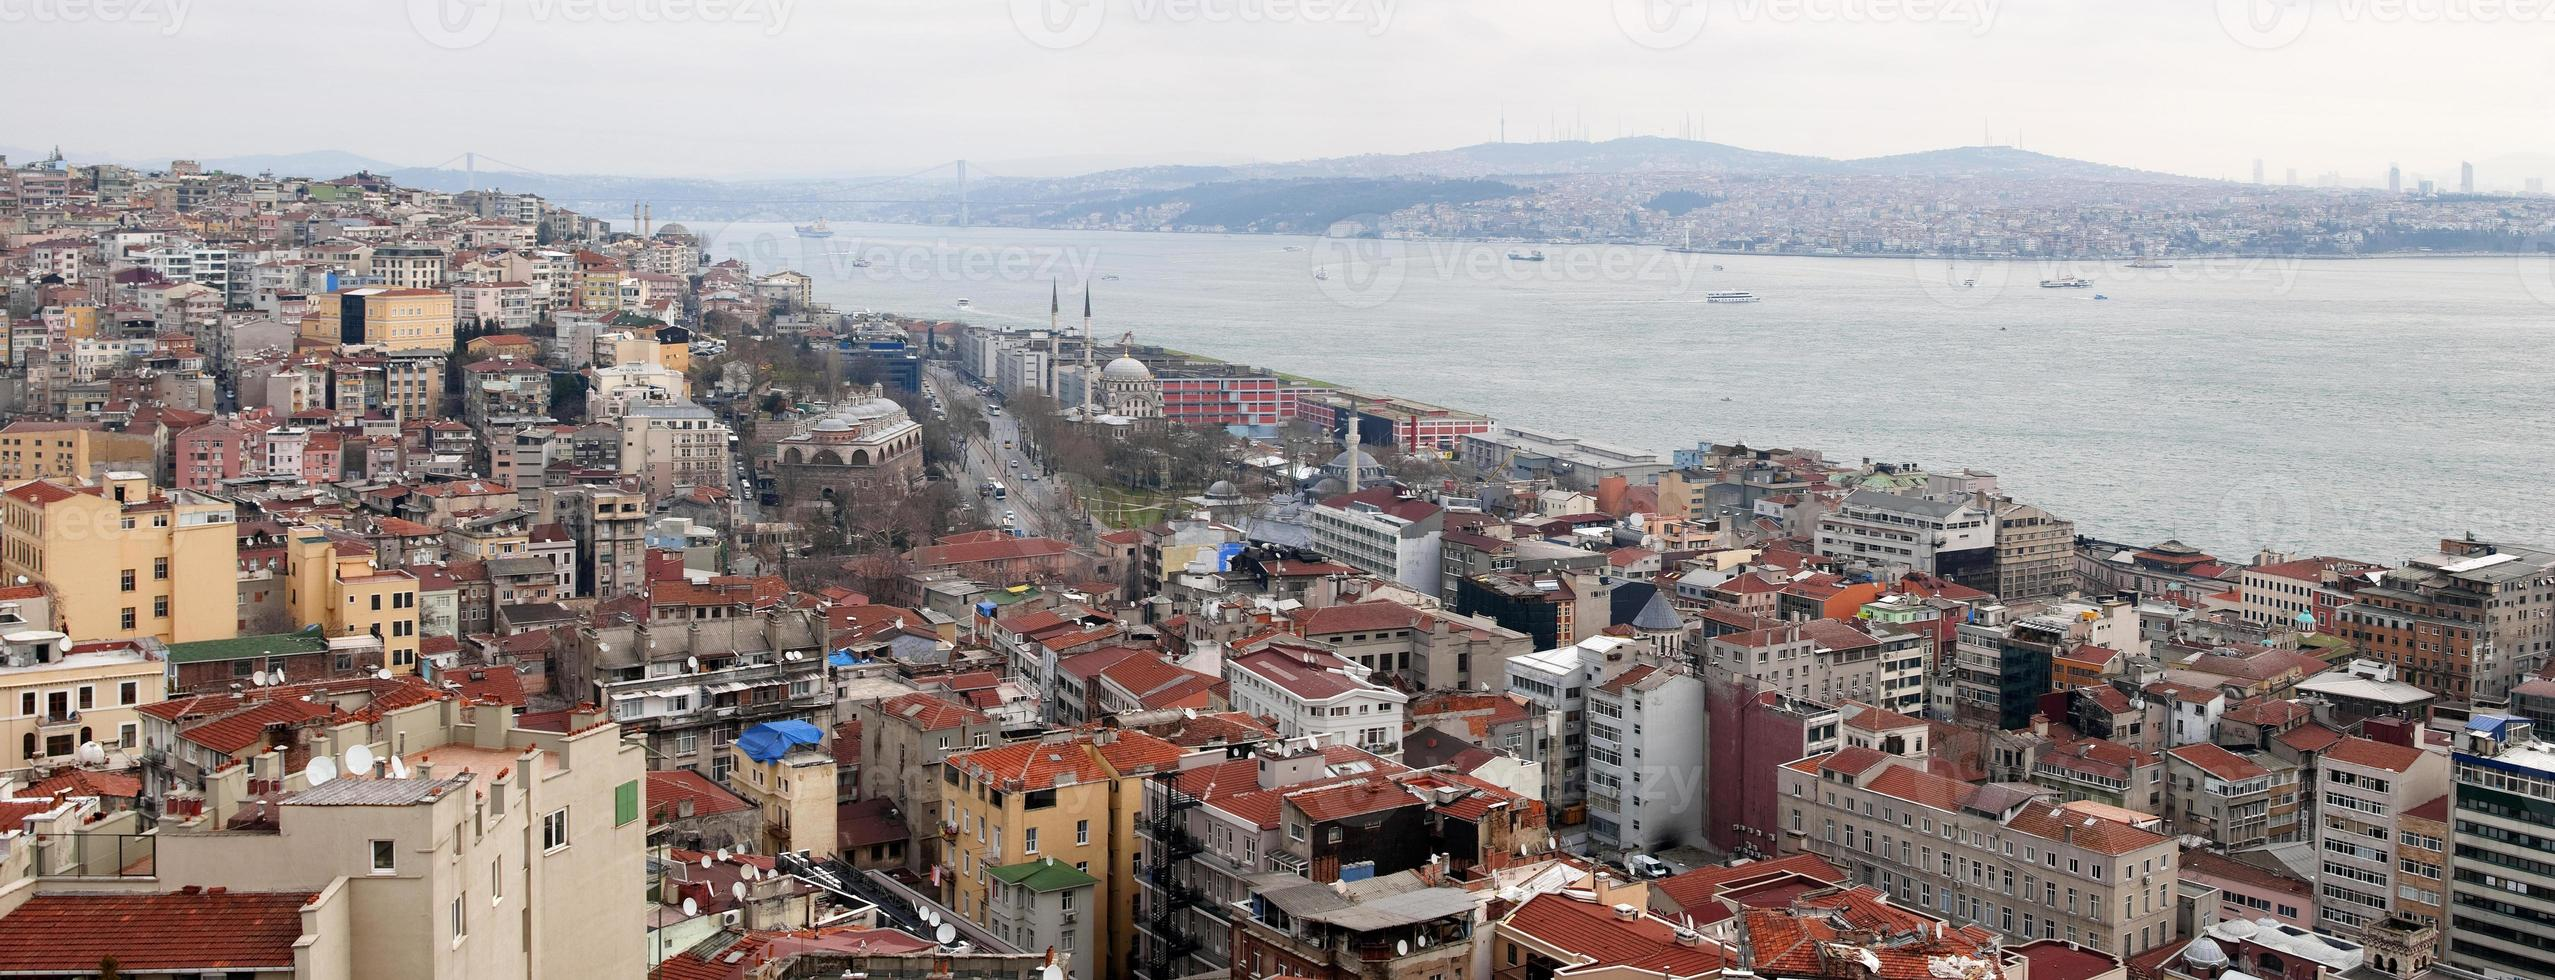 istanbul panorama foto